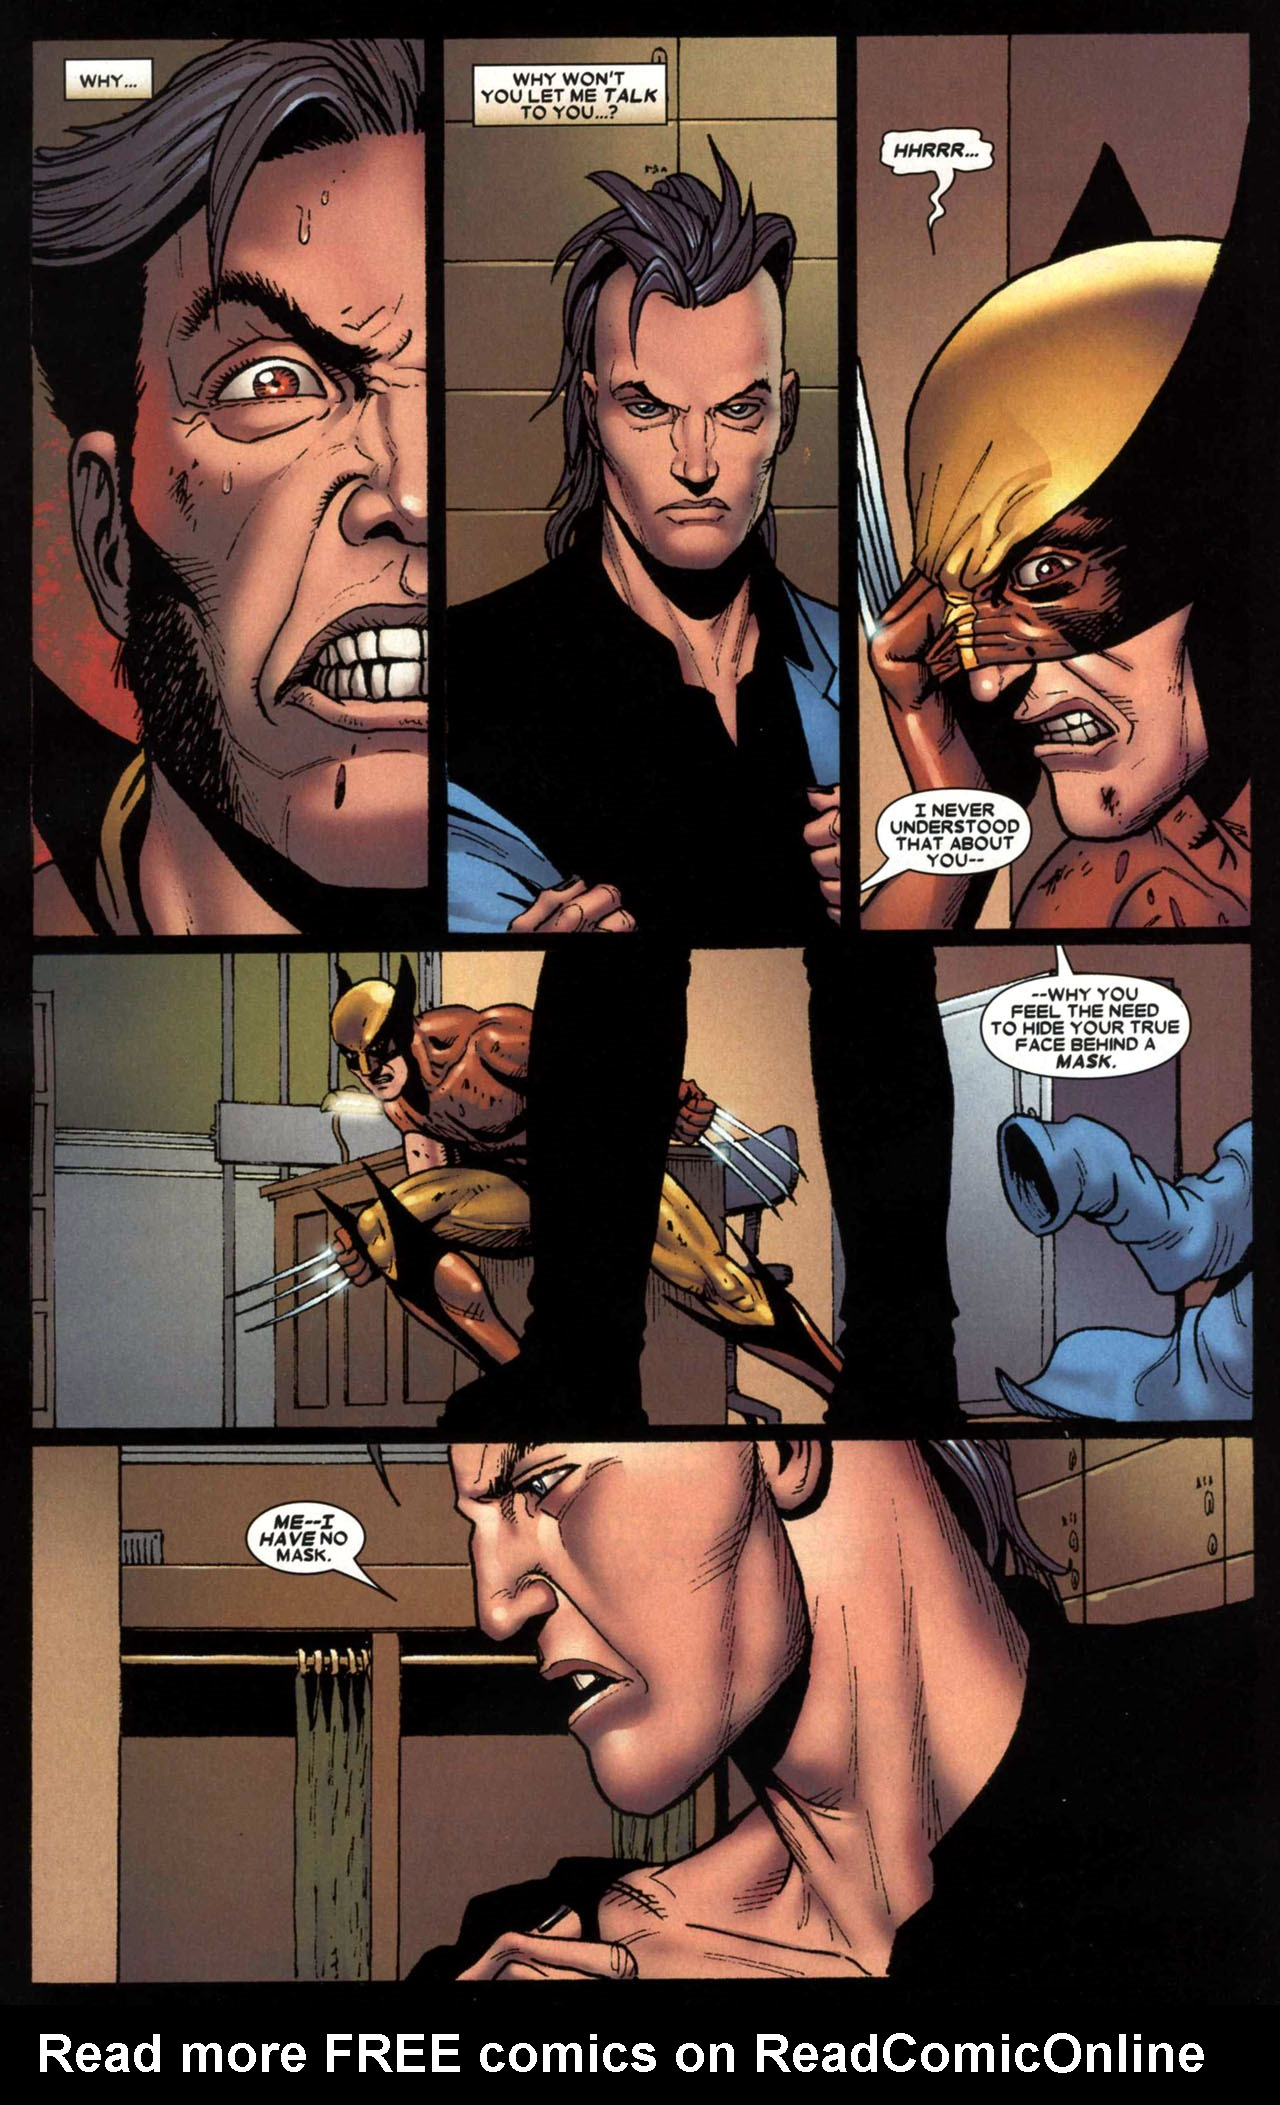 Read online Wolverine: Origins comic -  Issue #13 - 14